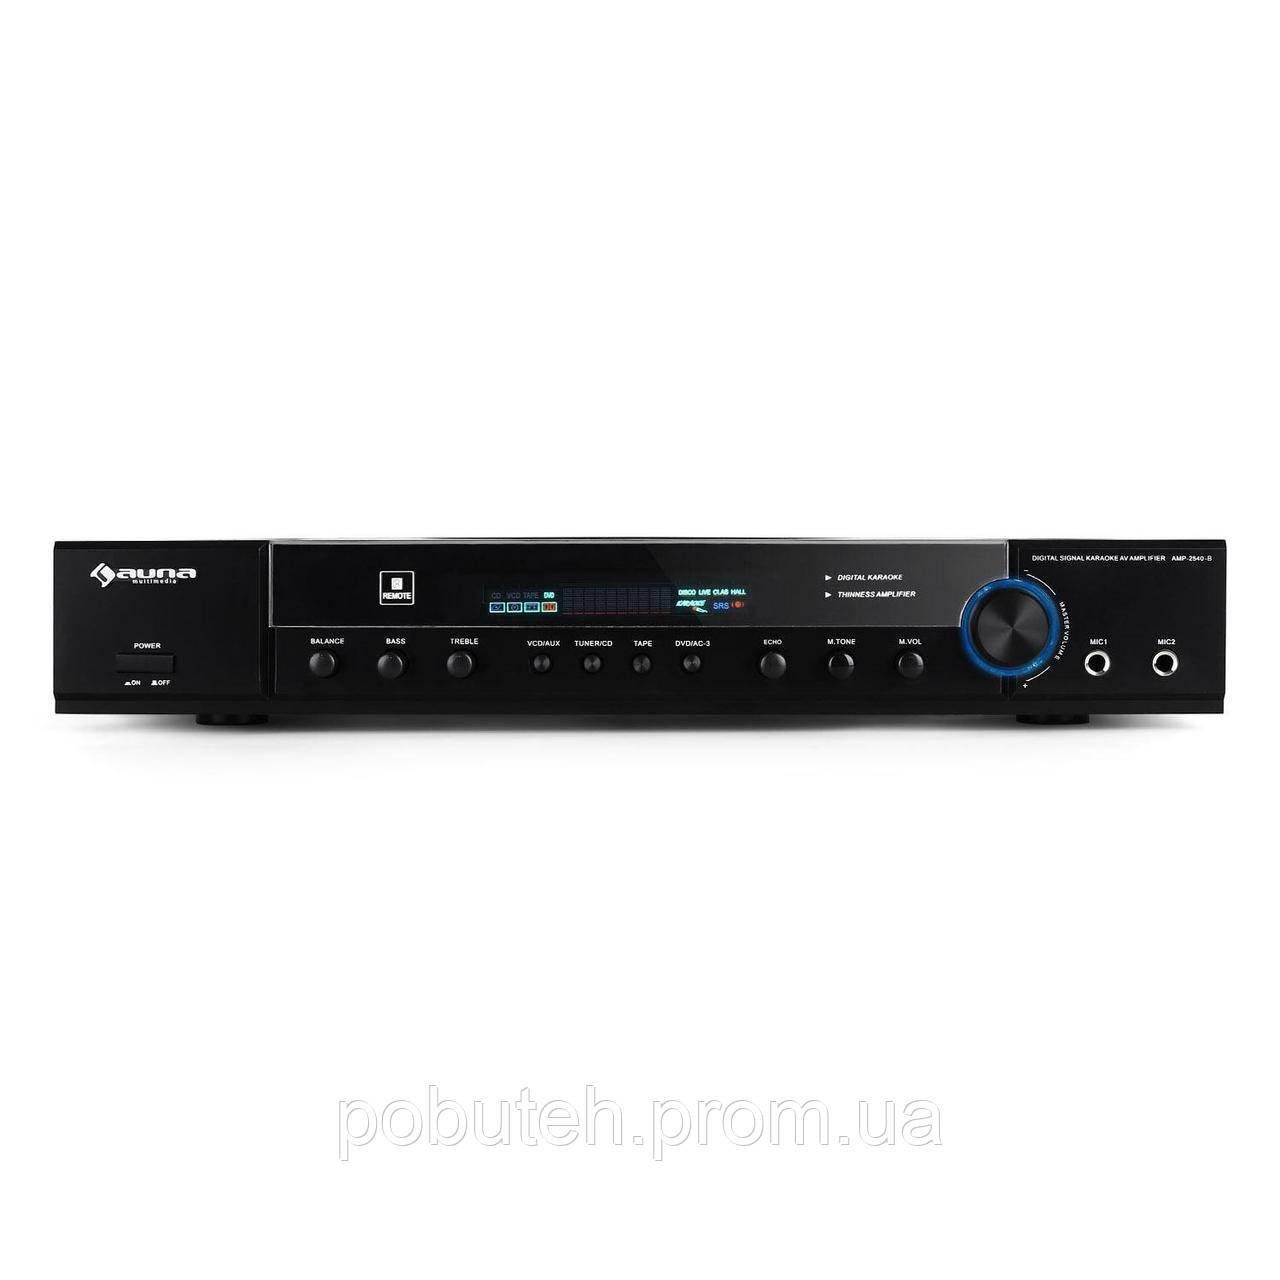 Усилитель  Auna AMP-2540-B 5.1